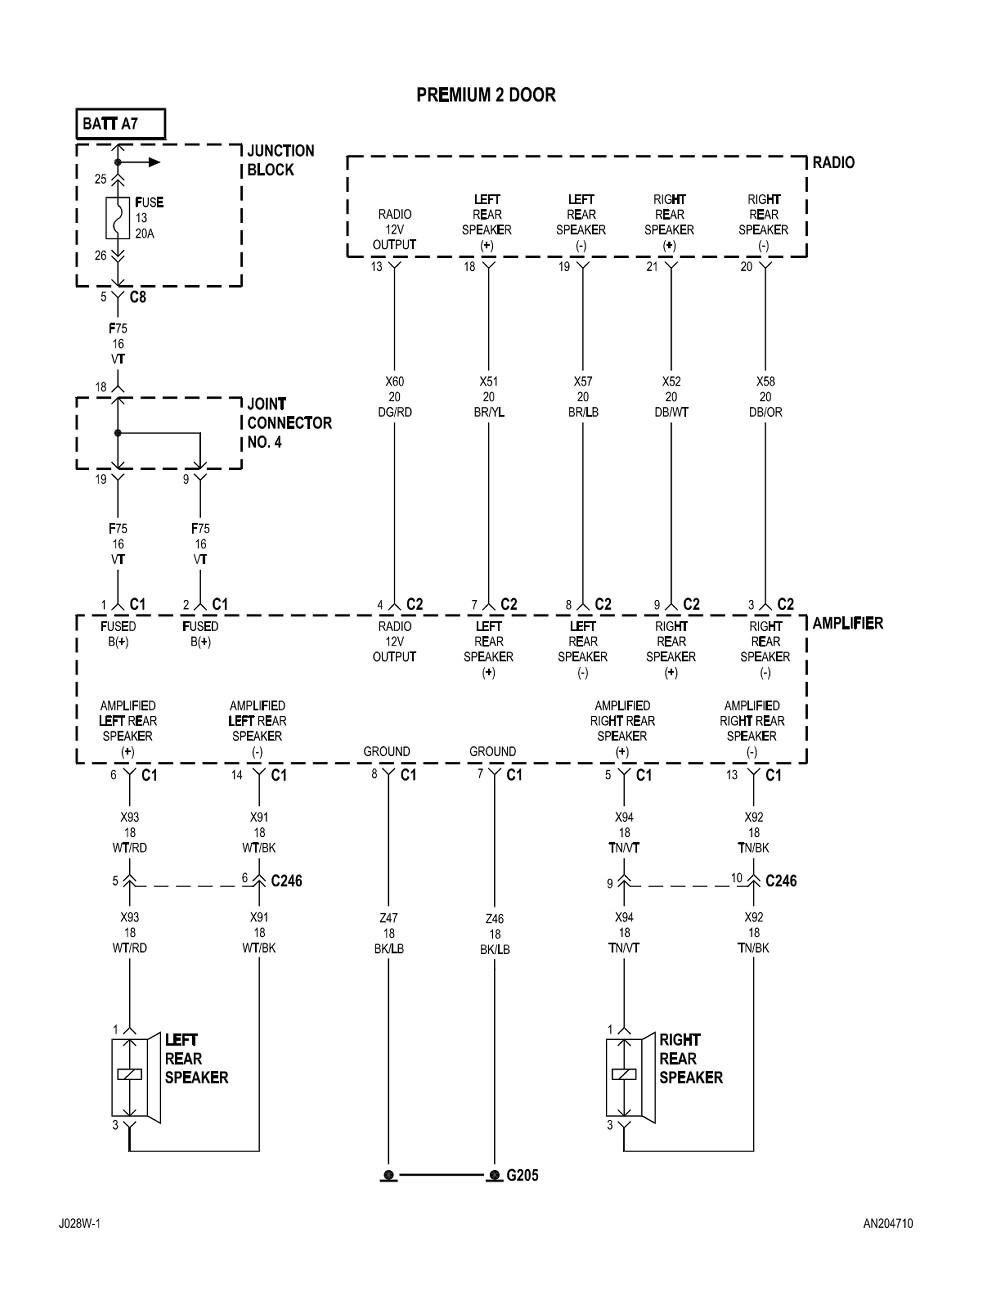 2004 dodge dakota radio wiring diagram Download-2004 dodge dakota radio wiring diagram Collection Labeled 2002 dodge dakota radio wiring diagram 2002 17-p